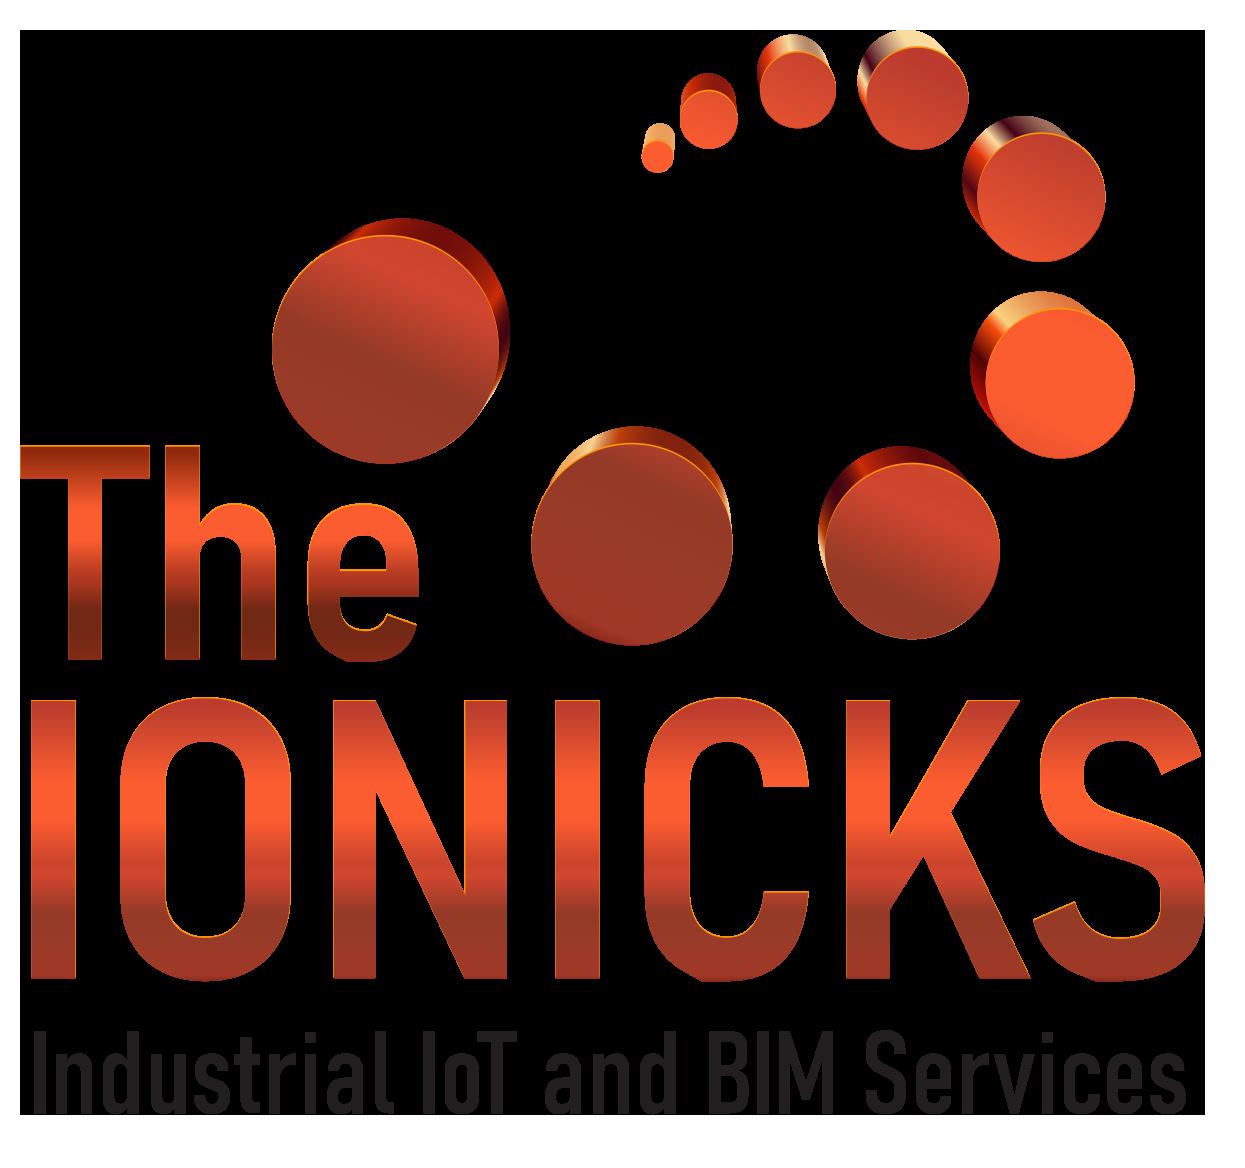 Ionicks